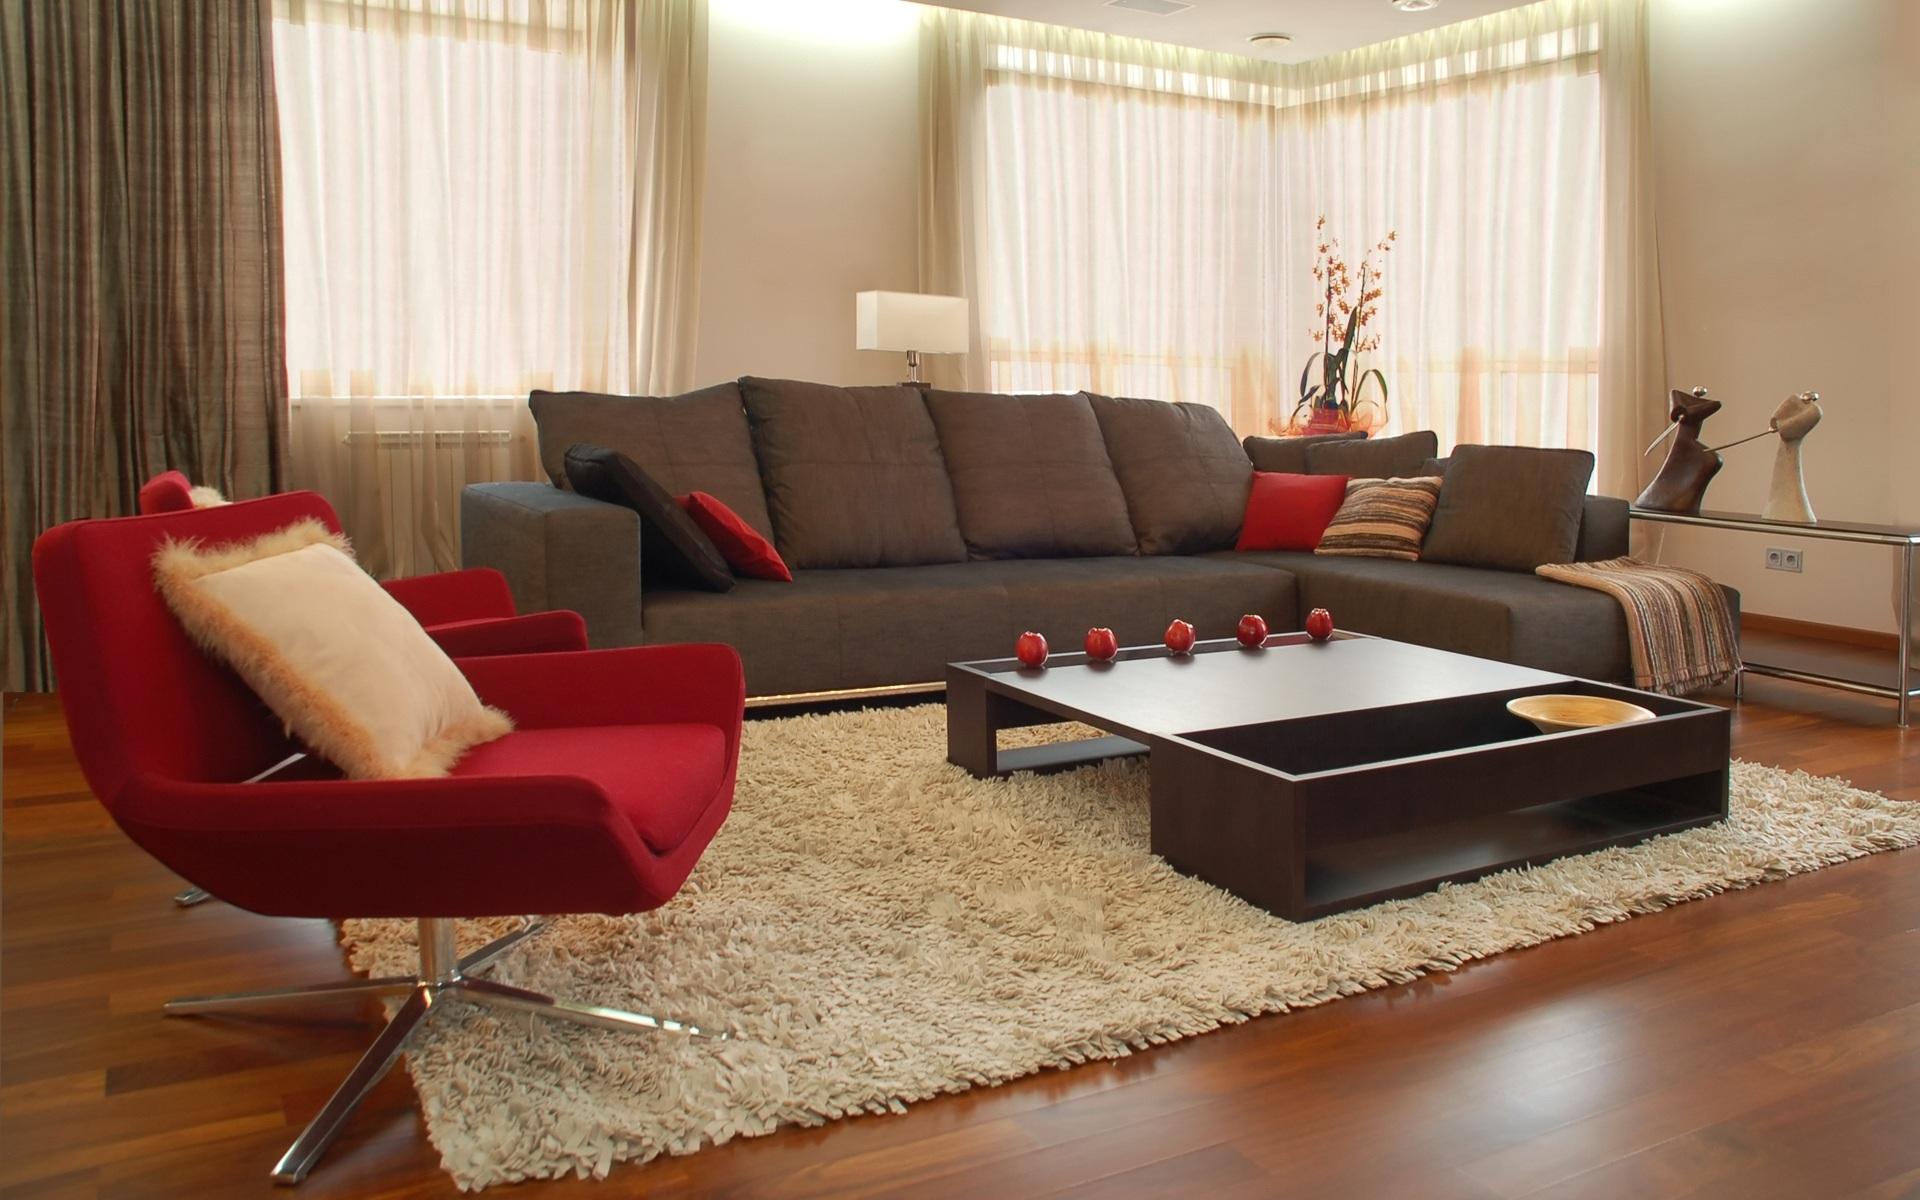 صورة غرف معيشة , احدث الموديلات لغرف المعيشه